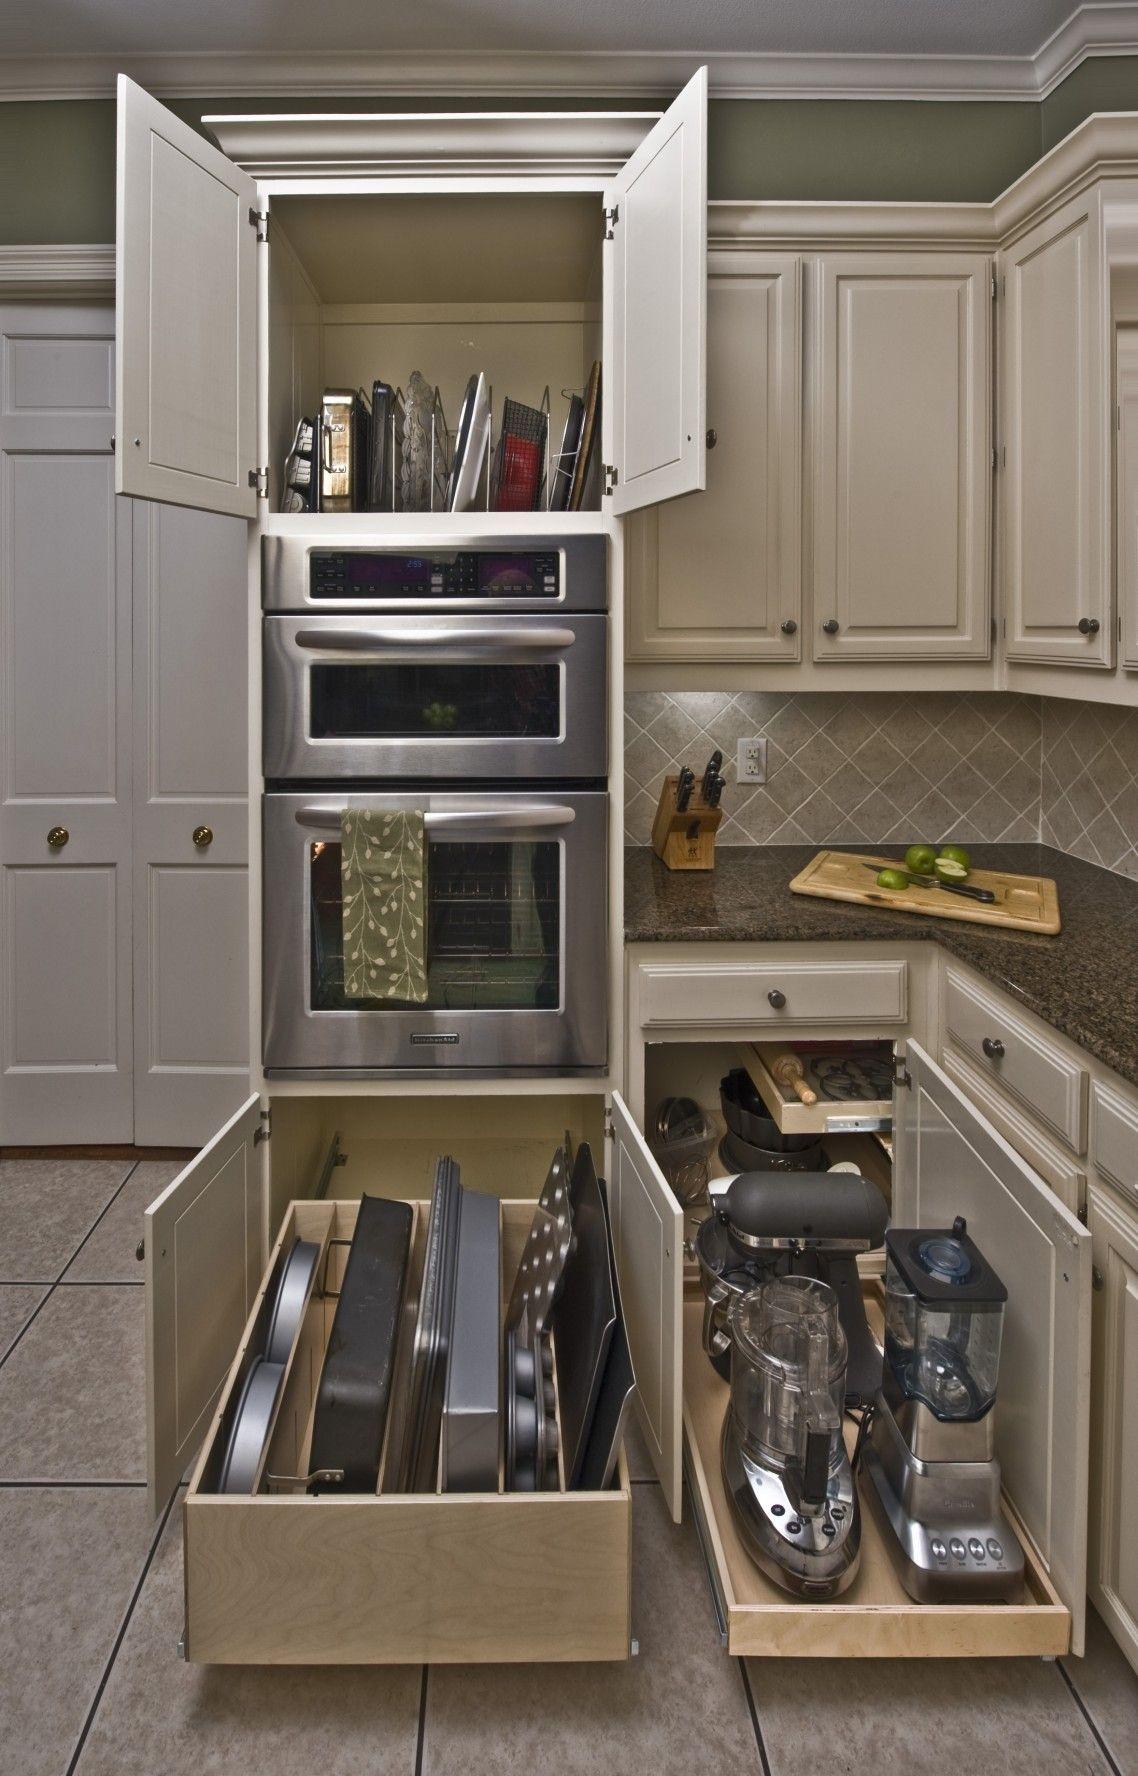 kitchen cabinets cabinet opulent ideas storage organizers organizer